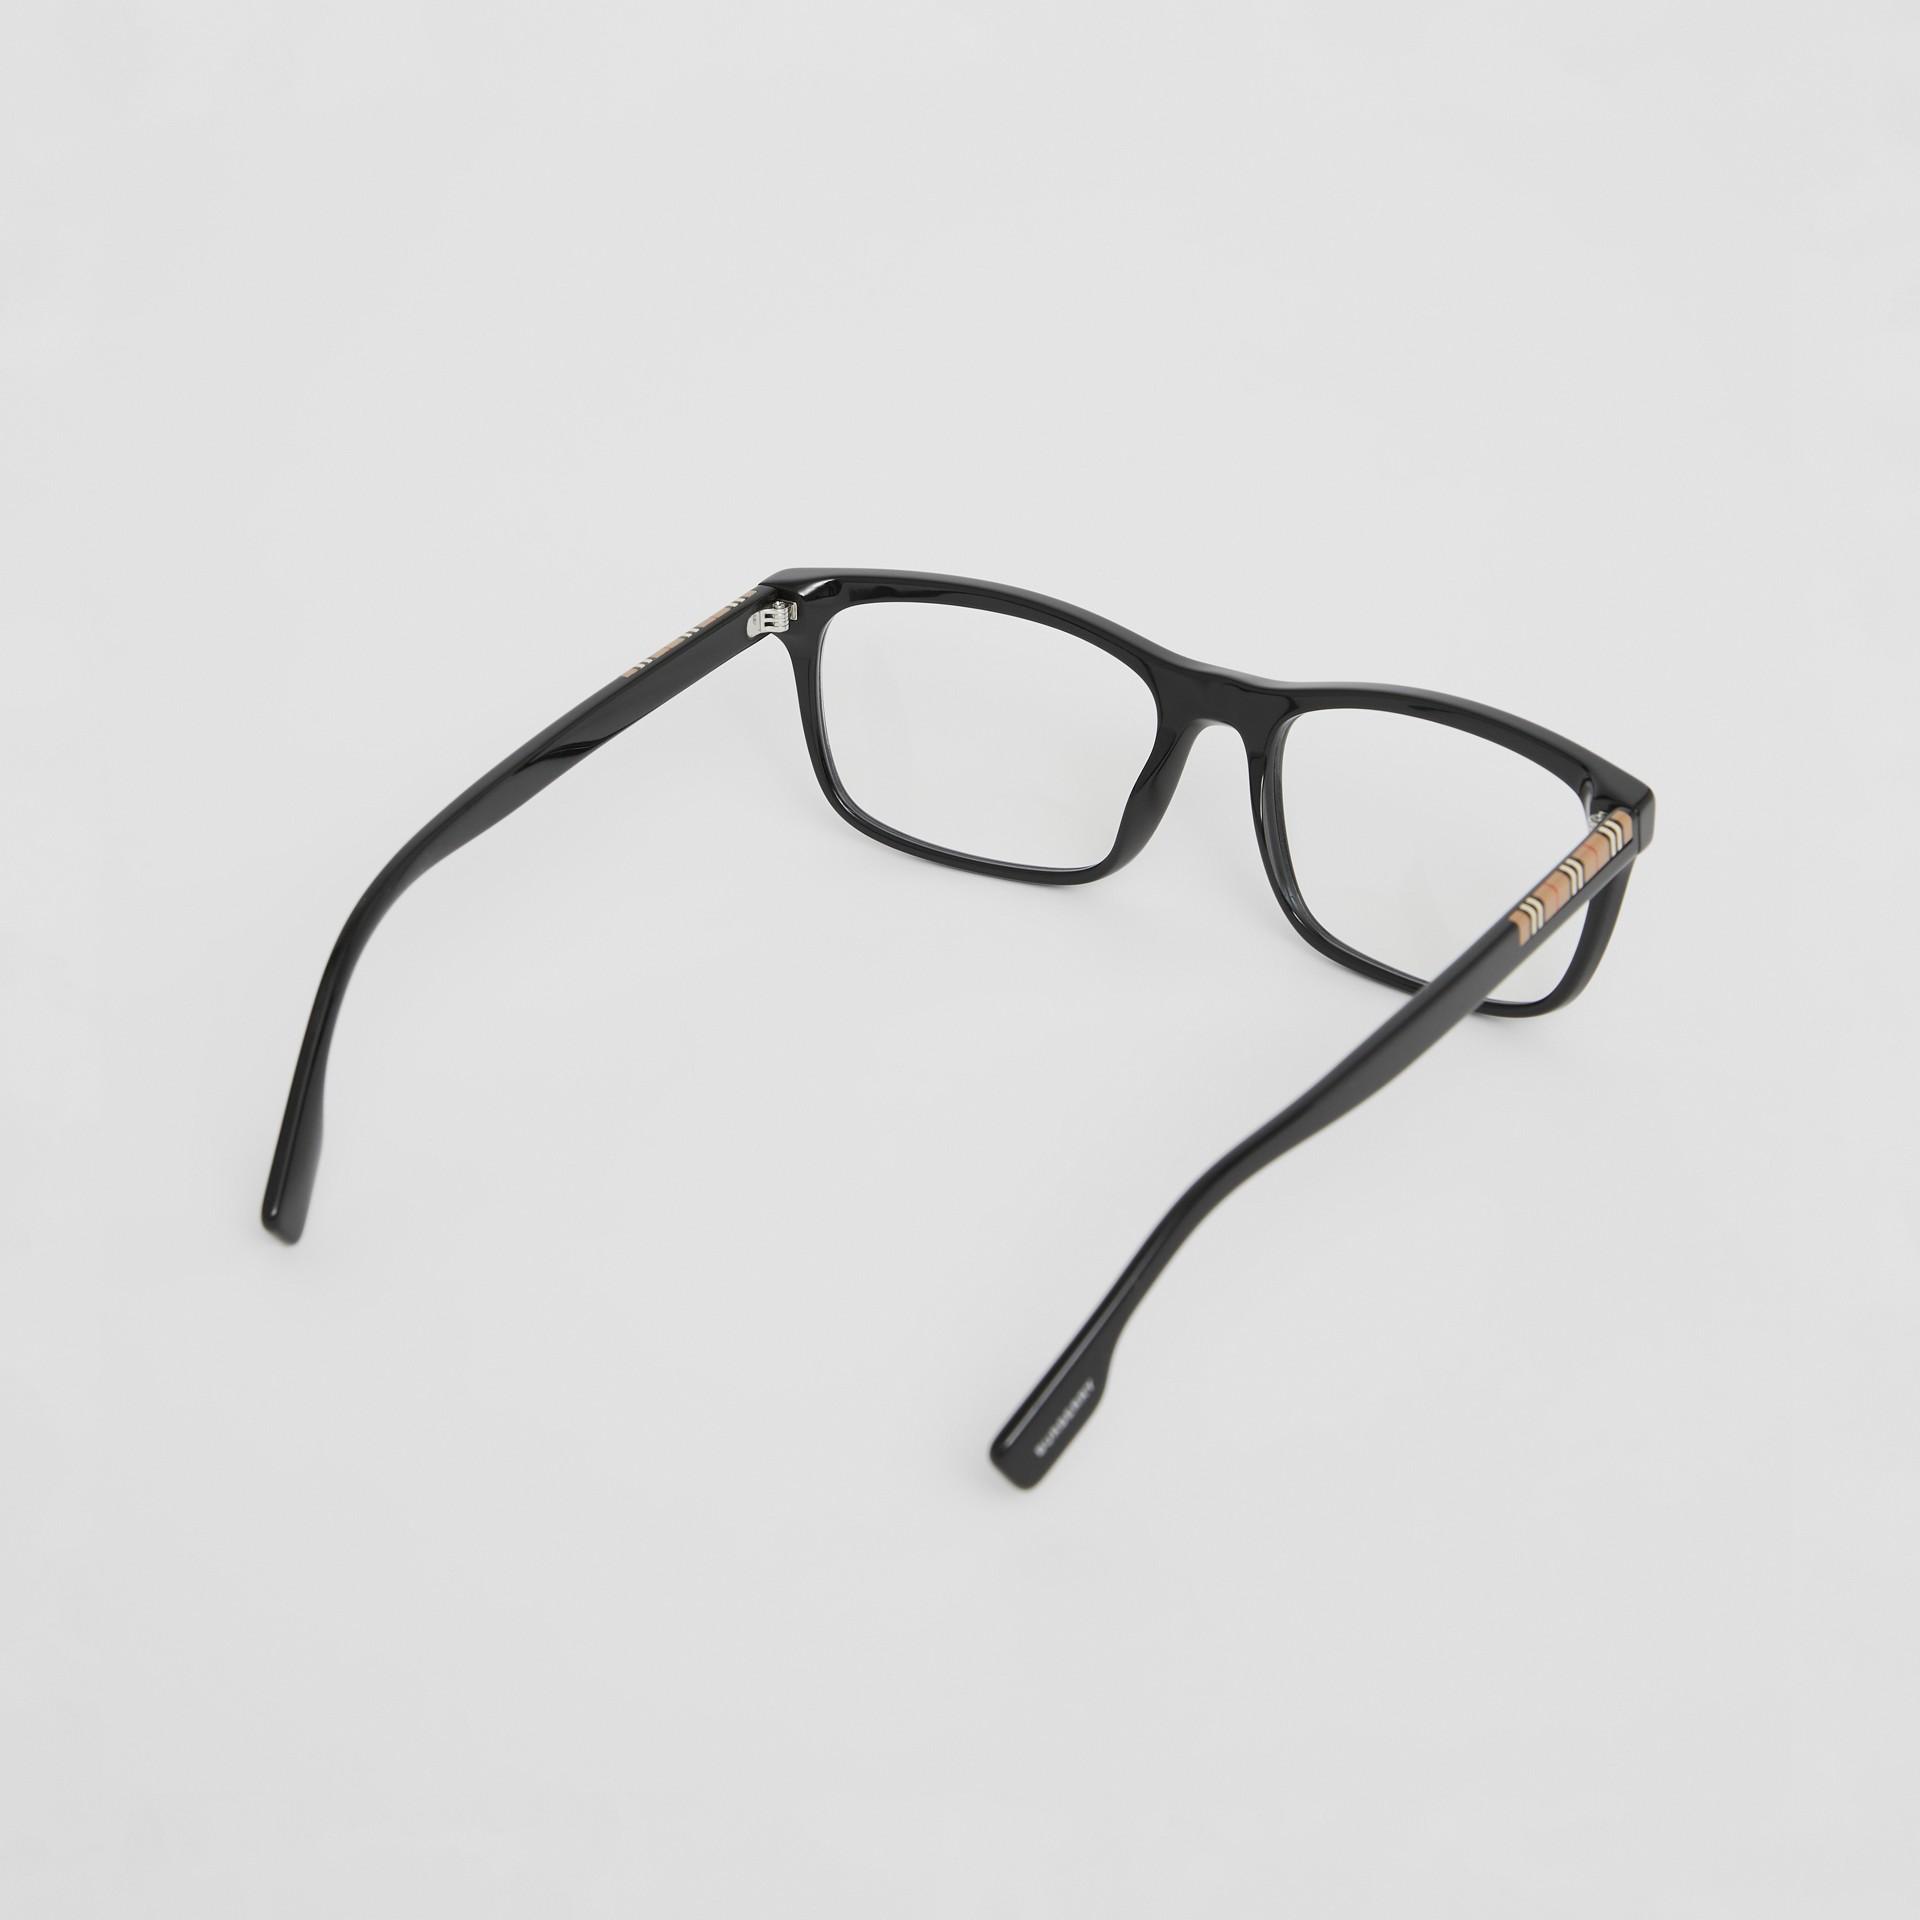 Montatura da vista rettangolare con iconico motivo a righe (Nero) - Uomo | Burberry - immagine della galleria 4